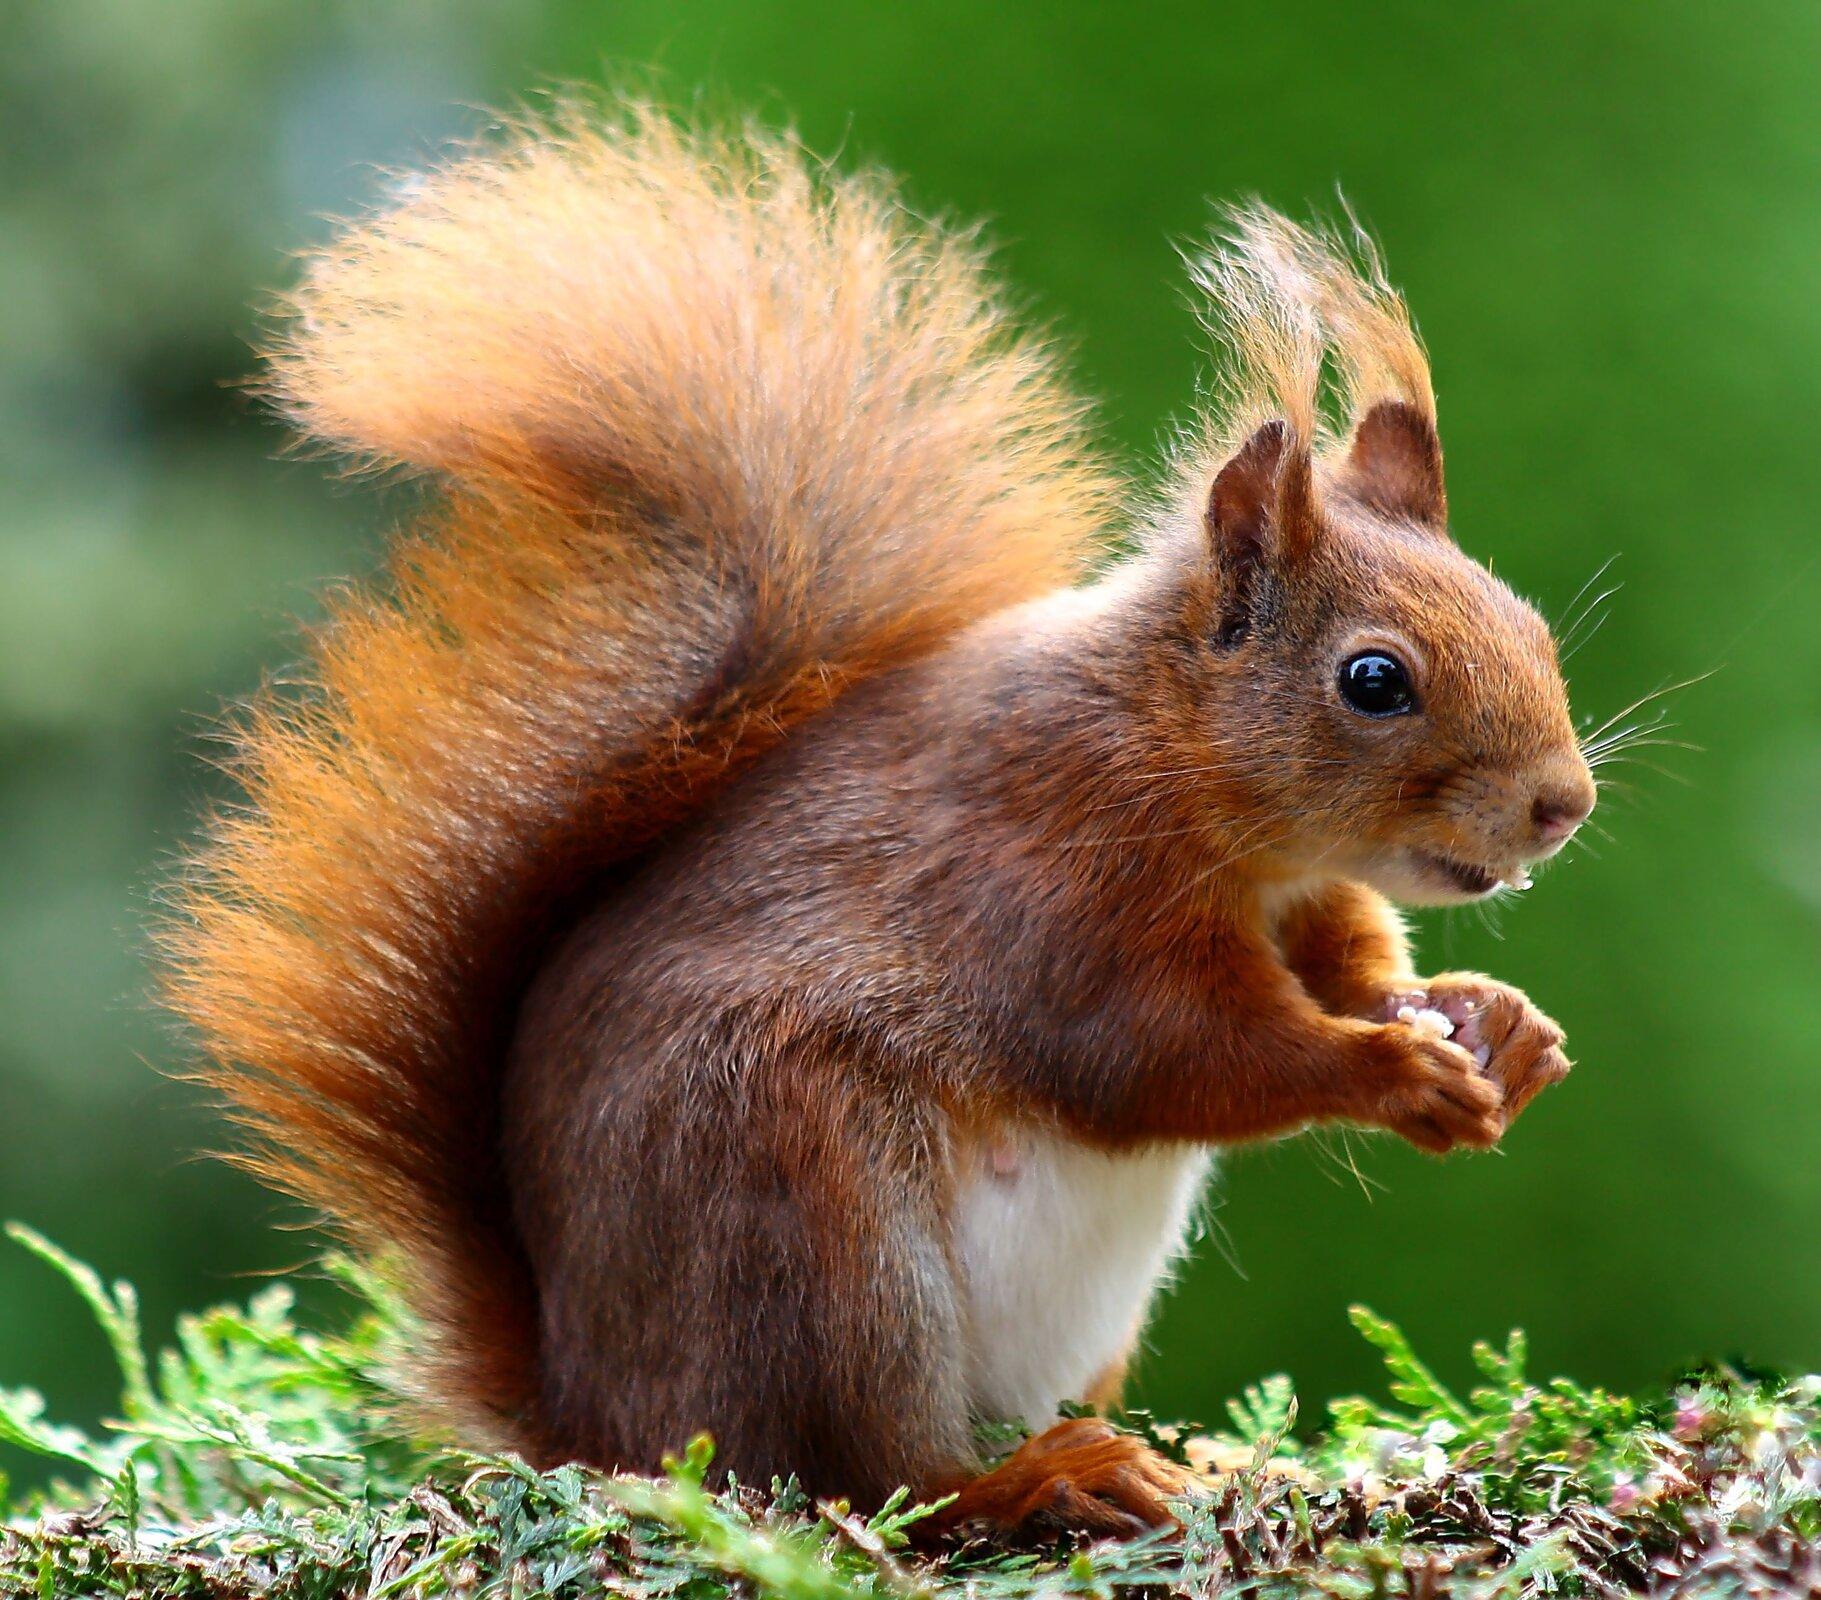 Wiewiórka. Zwierzę pkryte jest rudym futrem. Ogon długi, puszysty, podniesiony do góry.